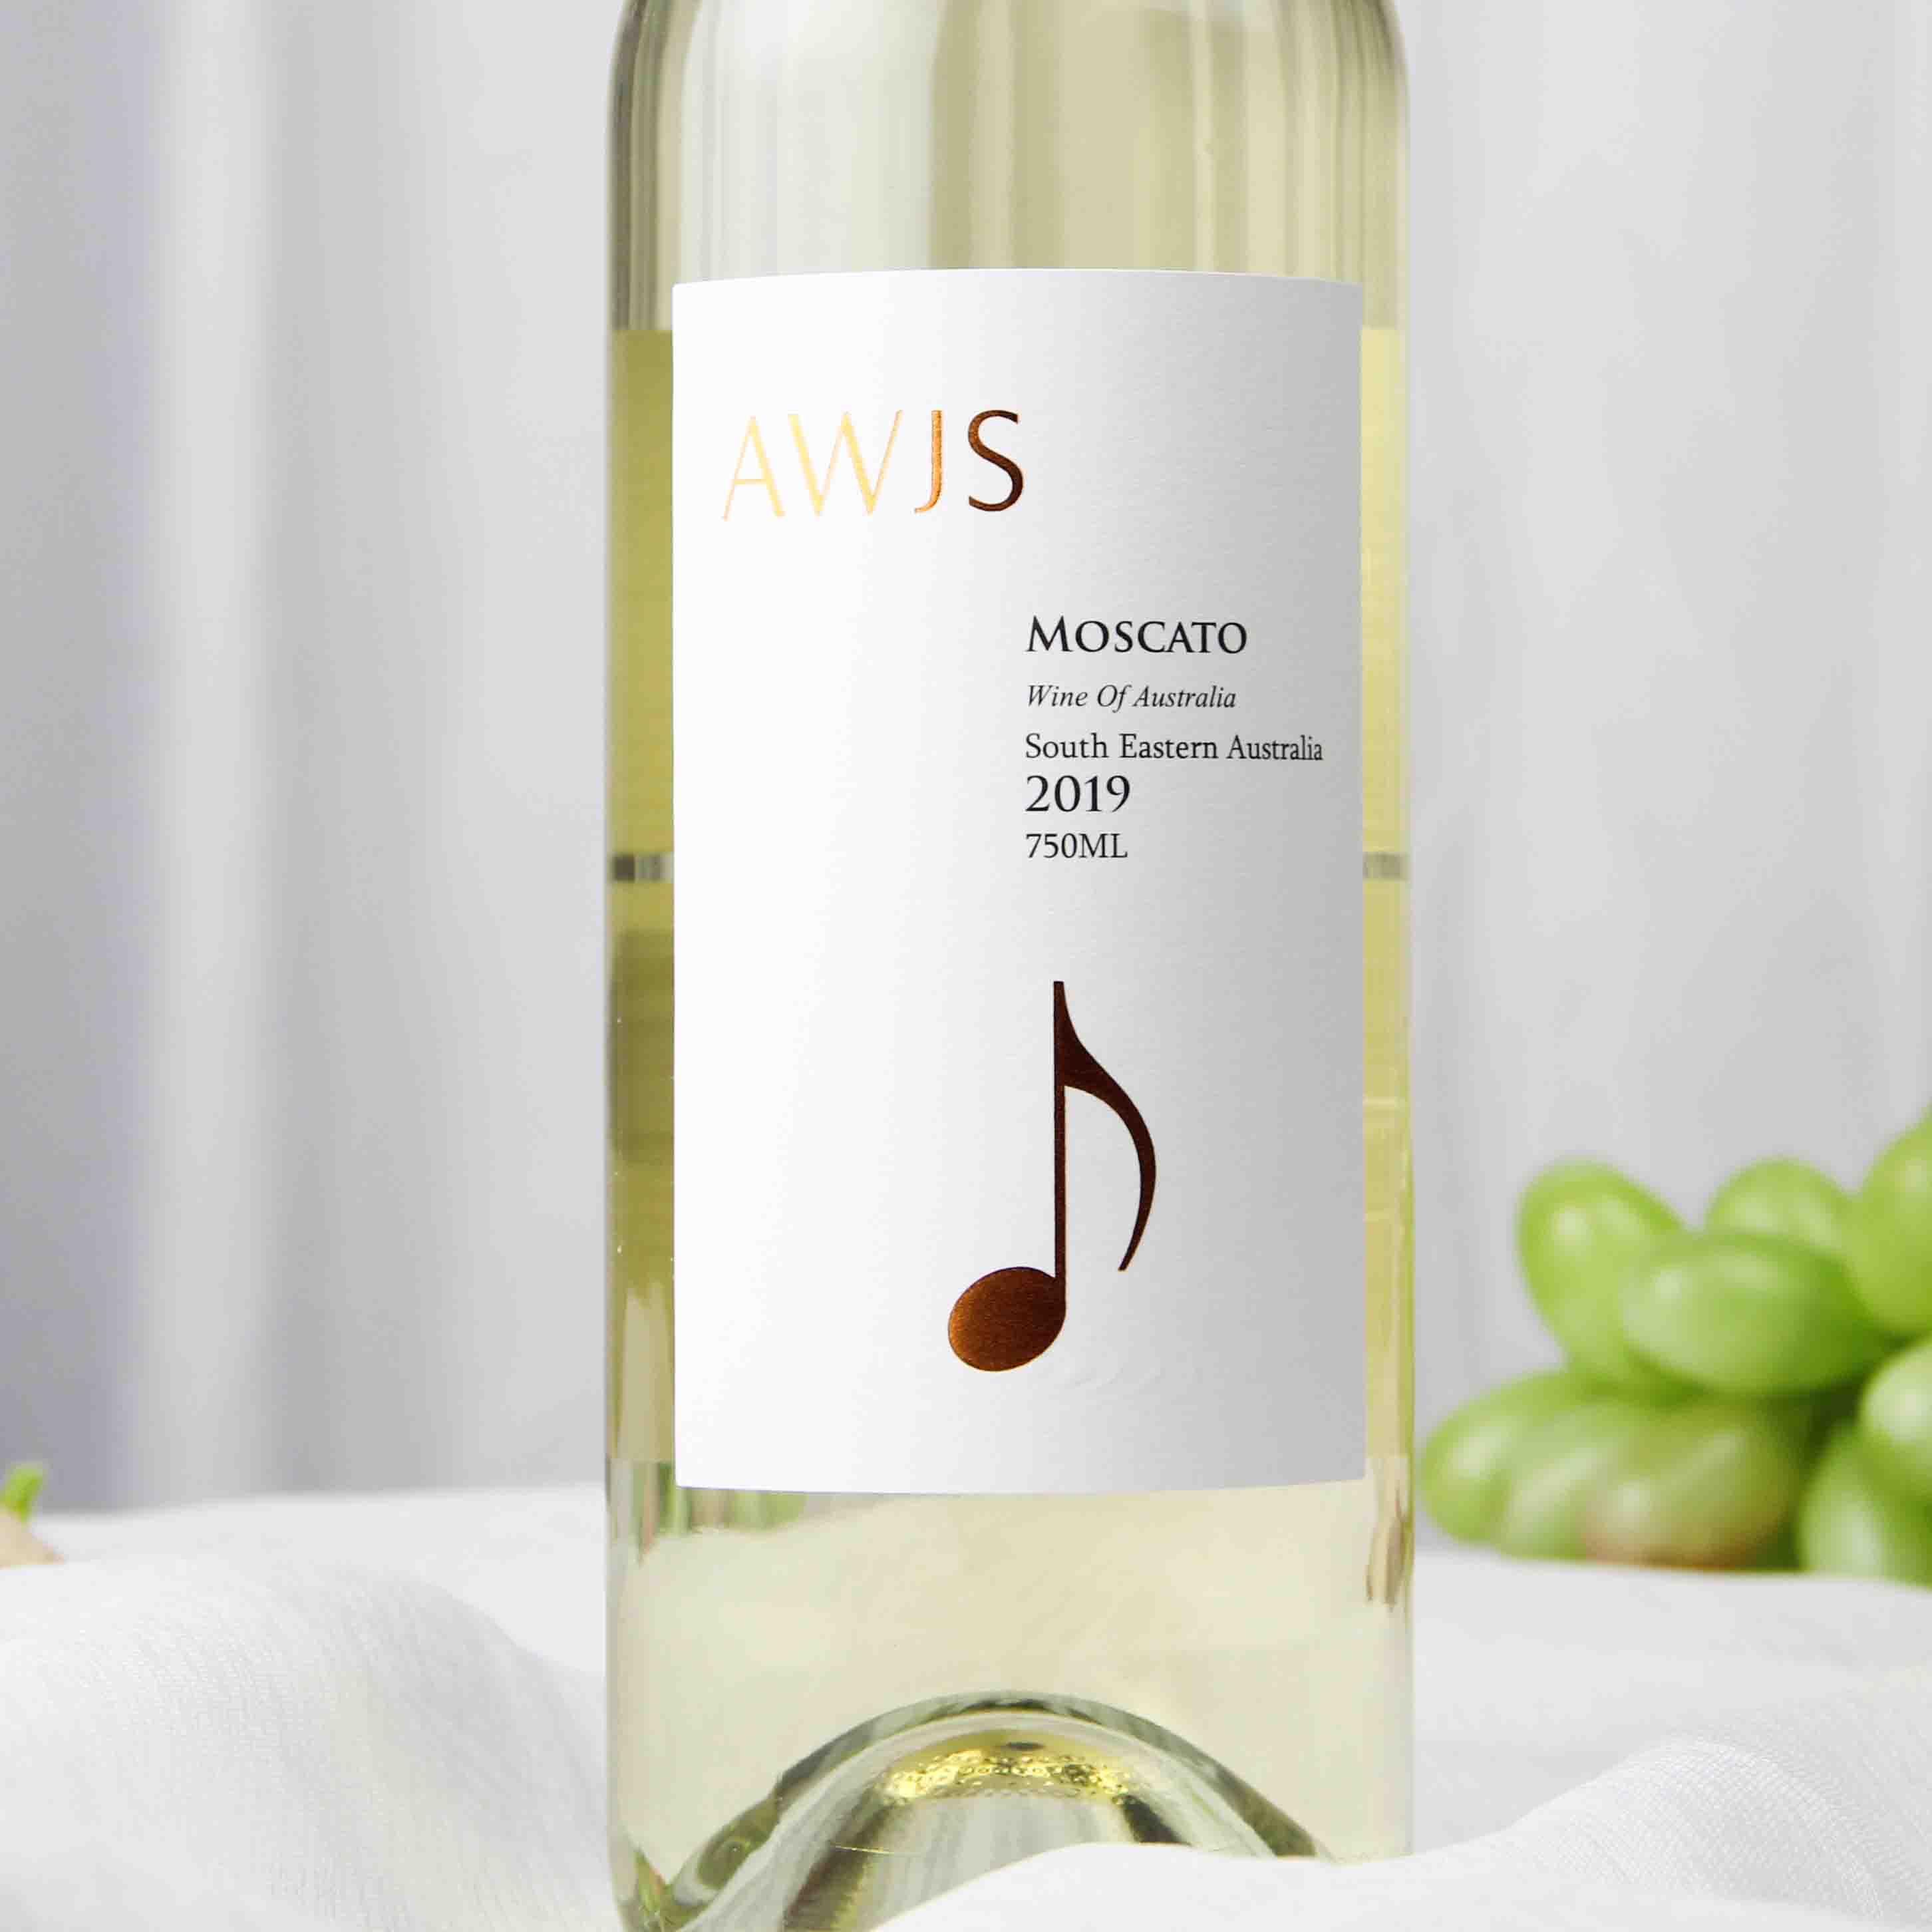 澳大利亚东南部音符·经典系列莫斯卡托低醇起泡白葡萄酒750ml